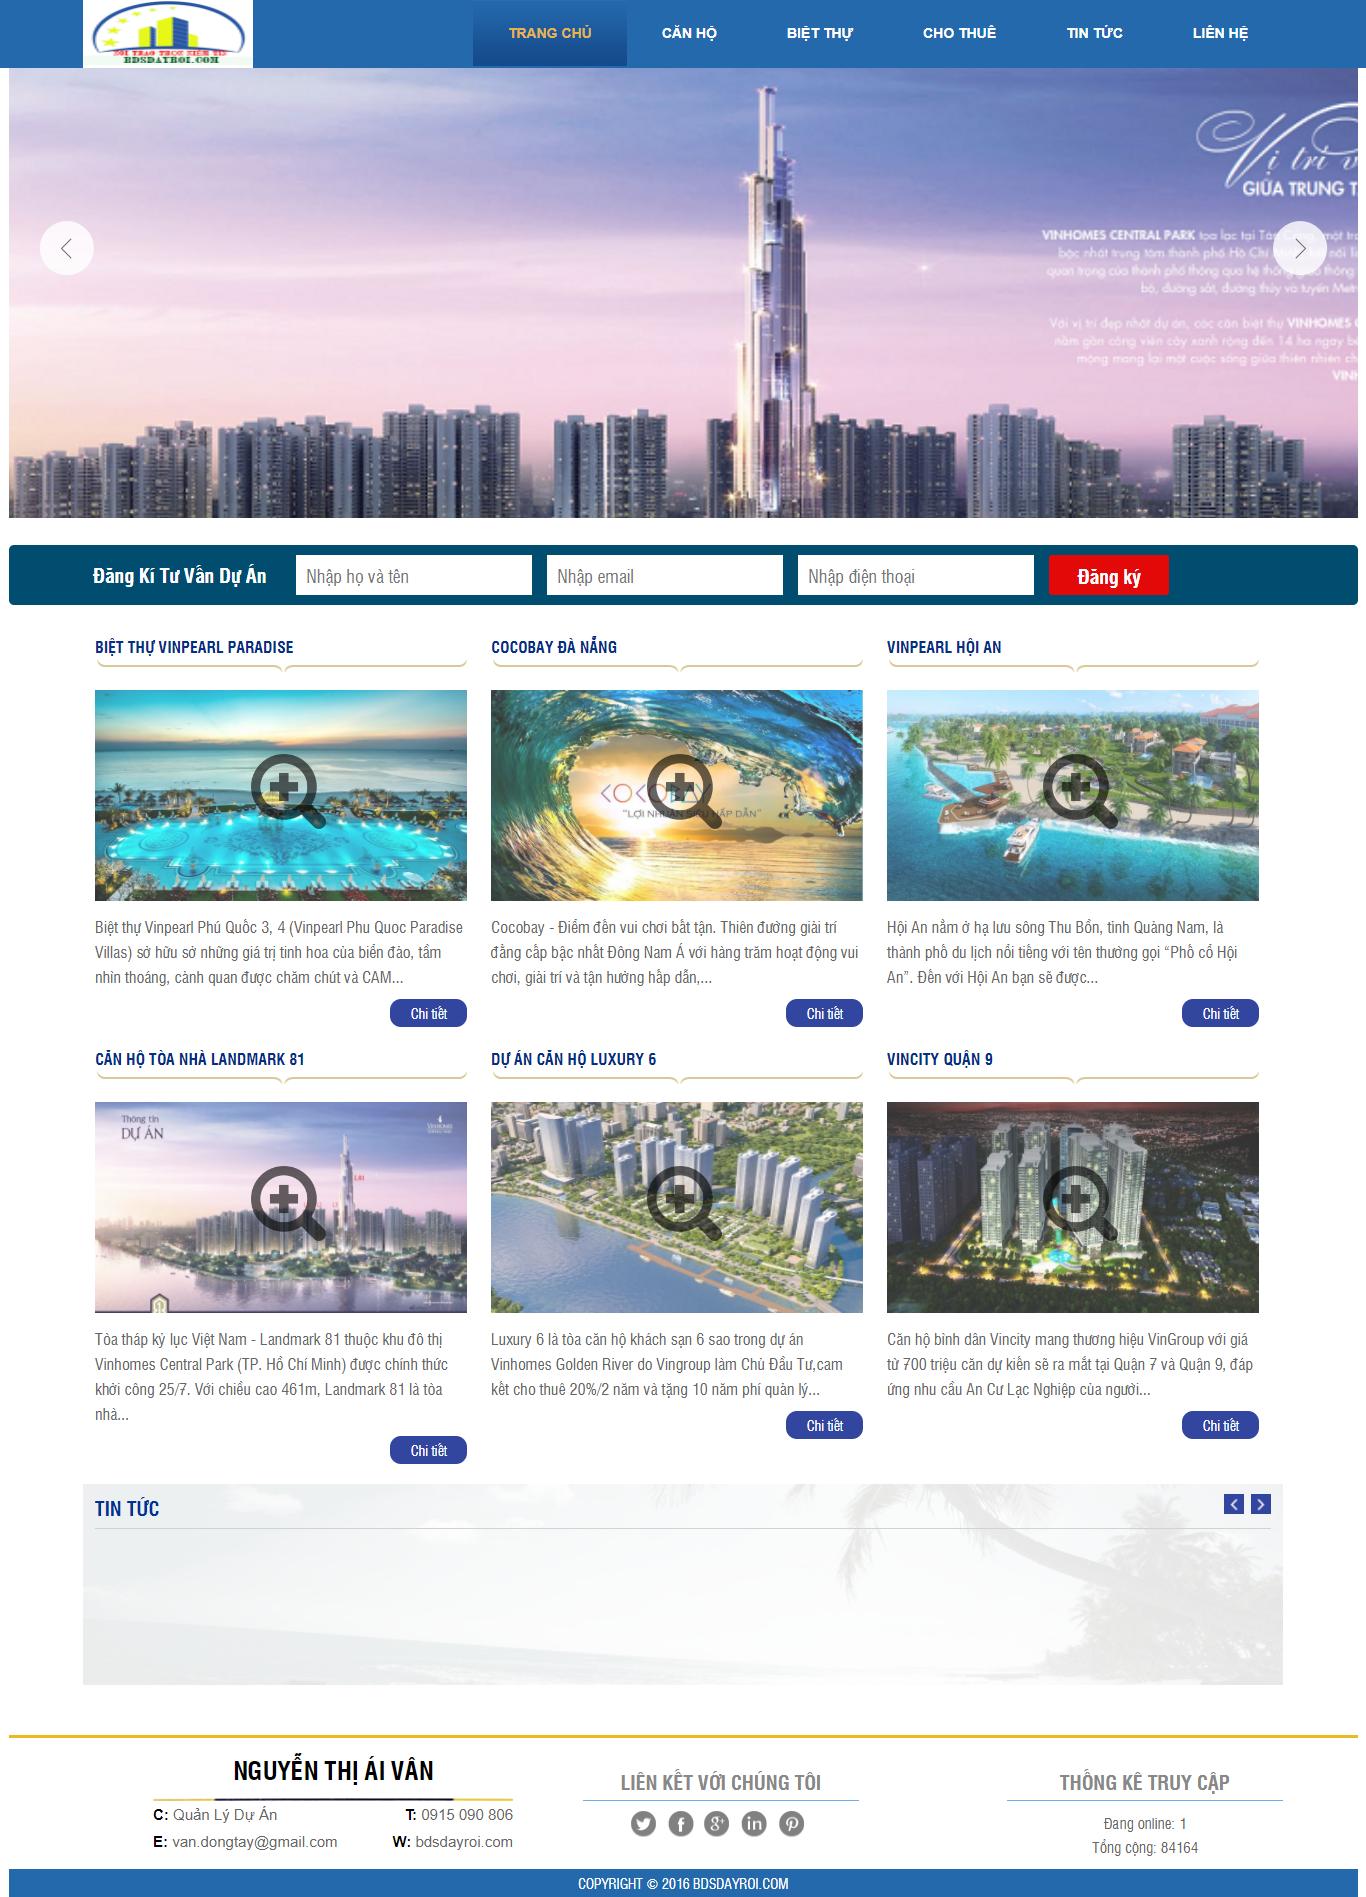 Giao diện website Bất động sản Z - 208